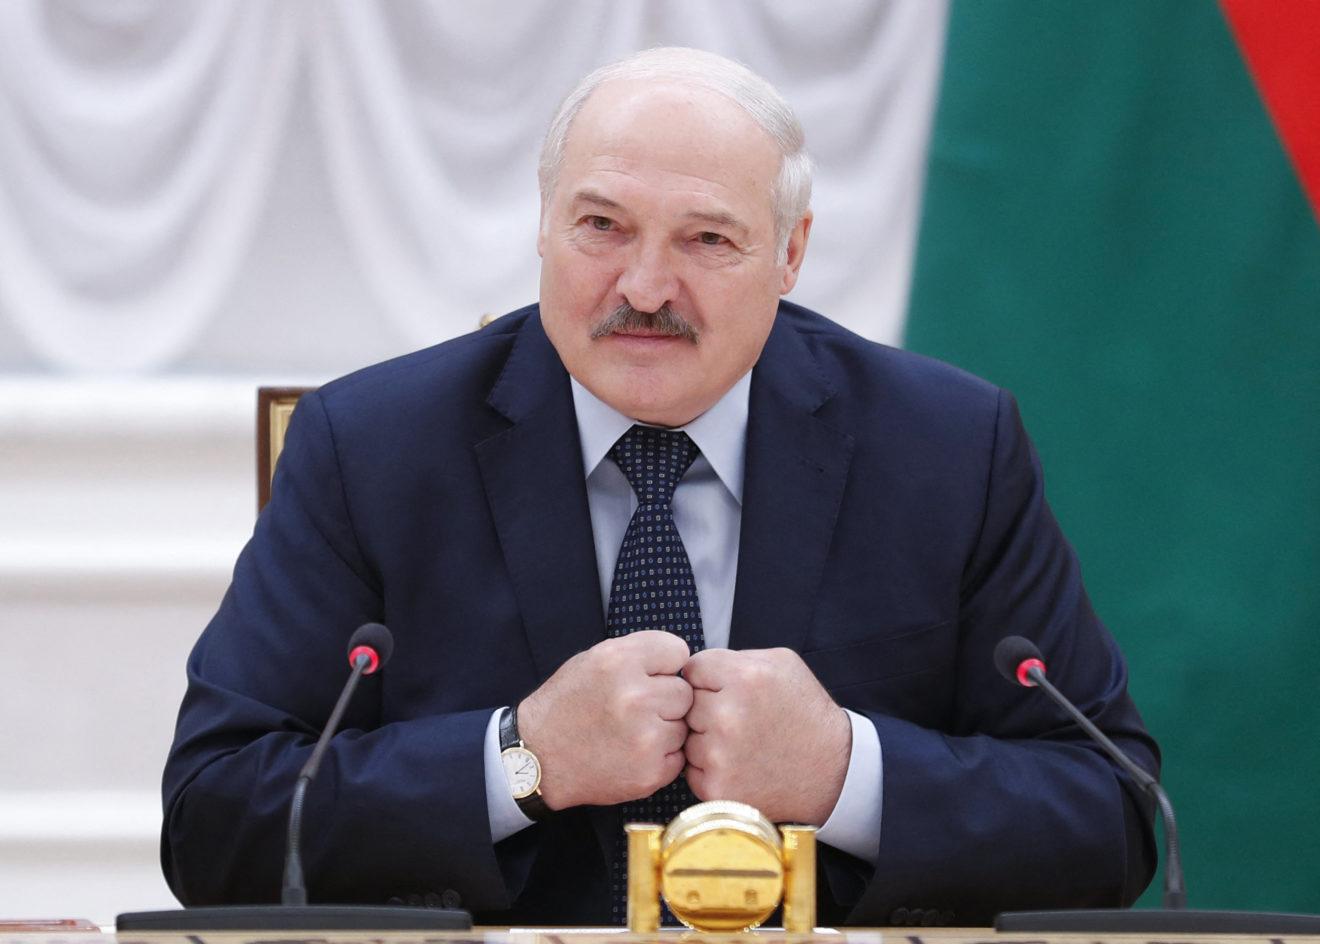 """Aštri Vokietijos kritika: A. Lukašenką pavadino """"valstybinio žmonių kontrabandos tinklo vadeiva"""""""